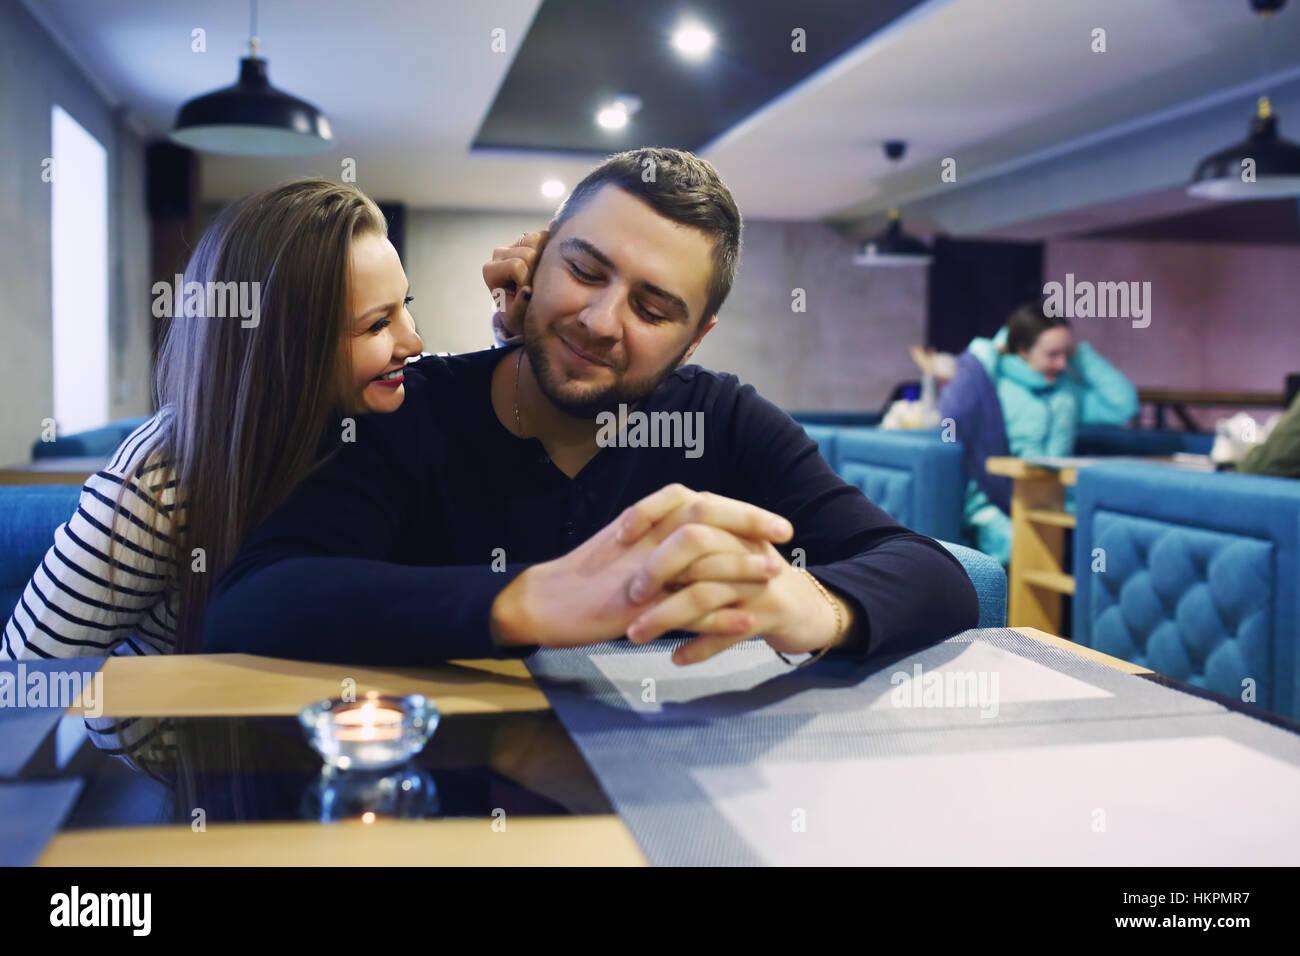 Zwei Personen im Café genießen die Zeit miteinander zu verbringen. Abgeschwächt. Selektiven Fokus. Stockbild